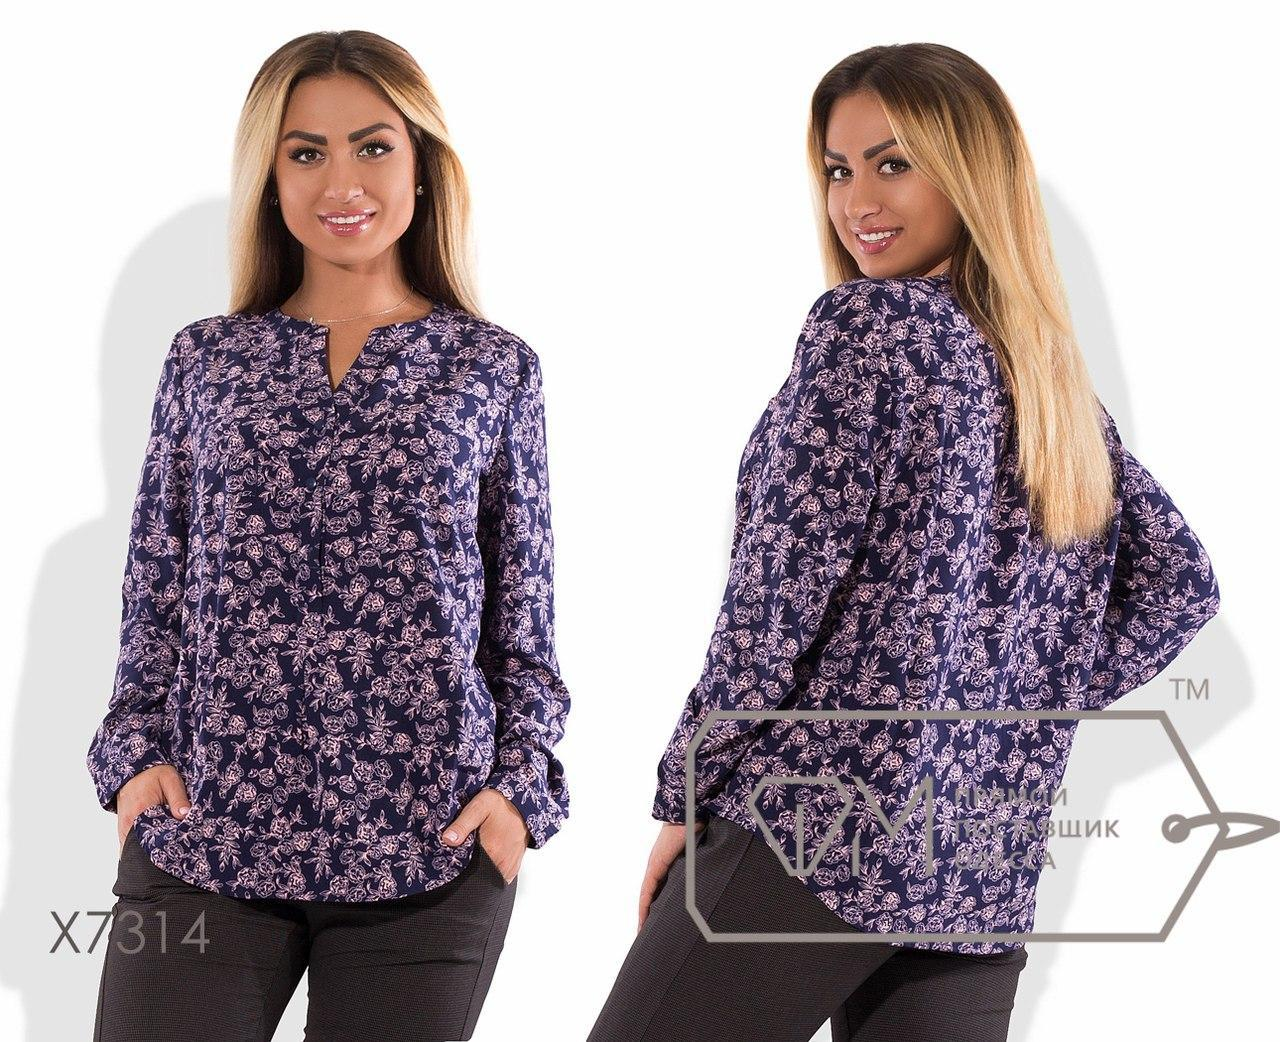 Женская прямая принтованная блуза большого размера fmx7314